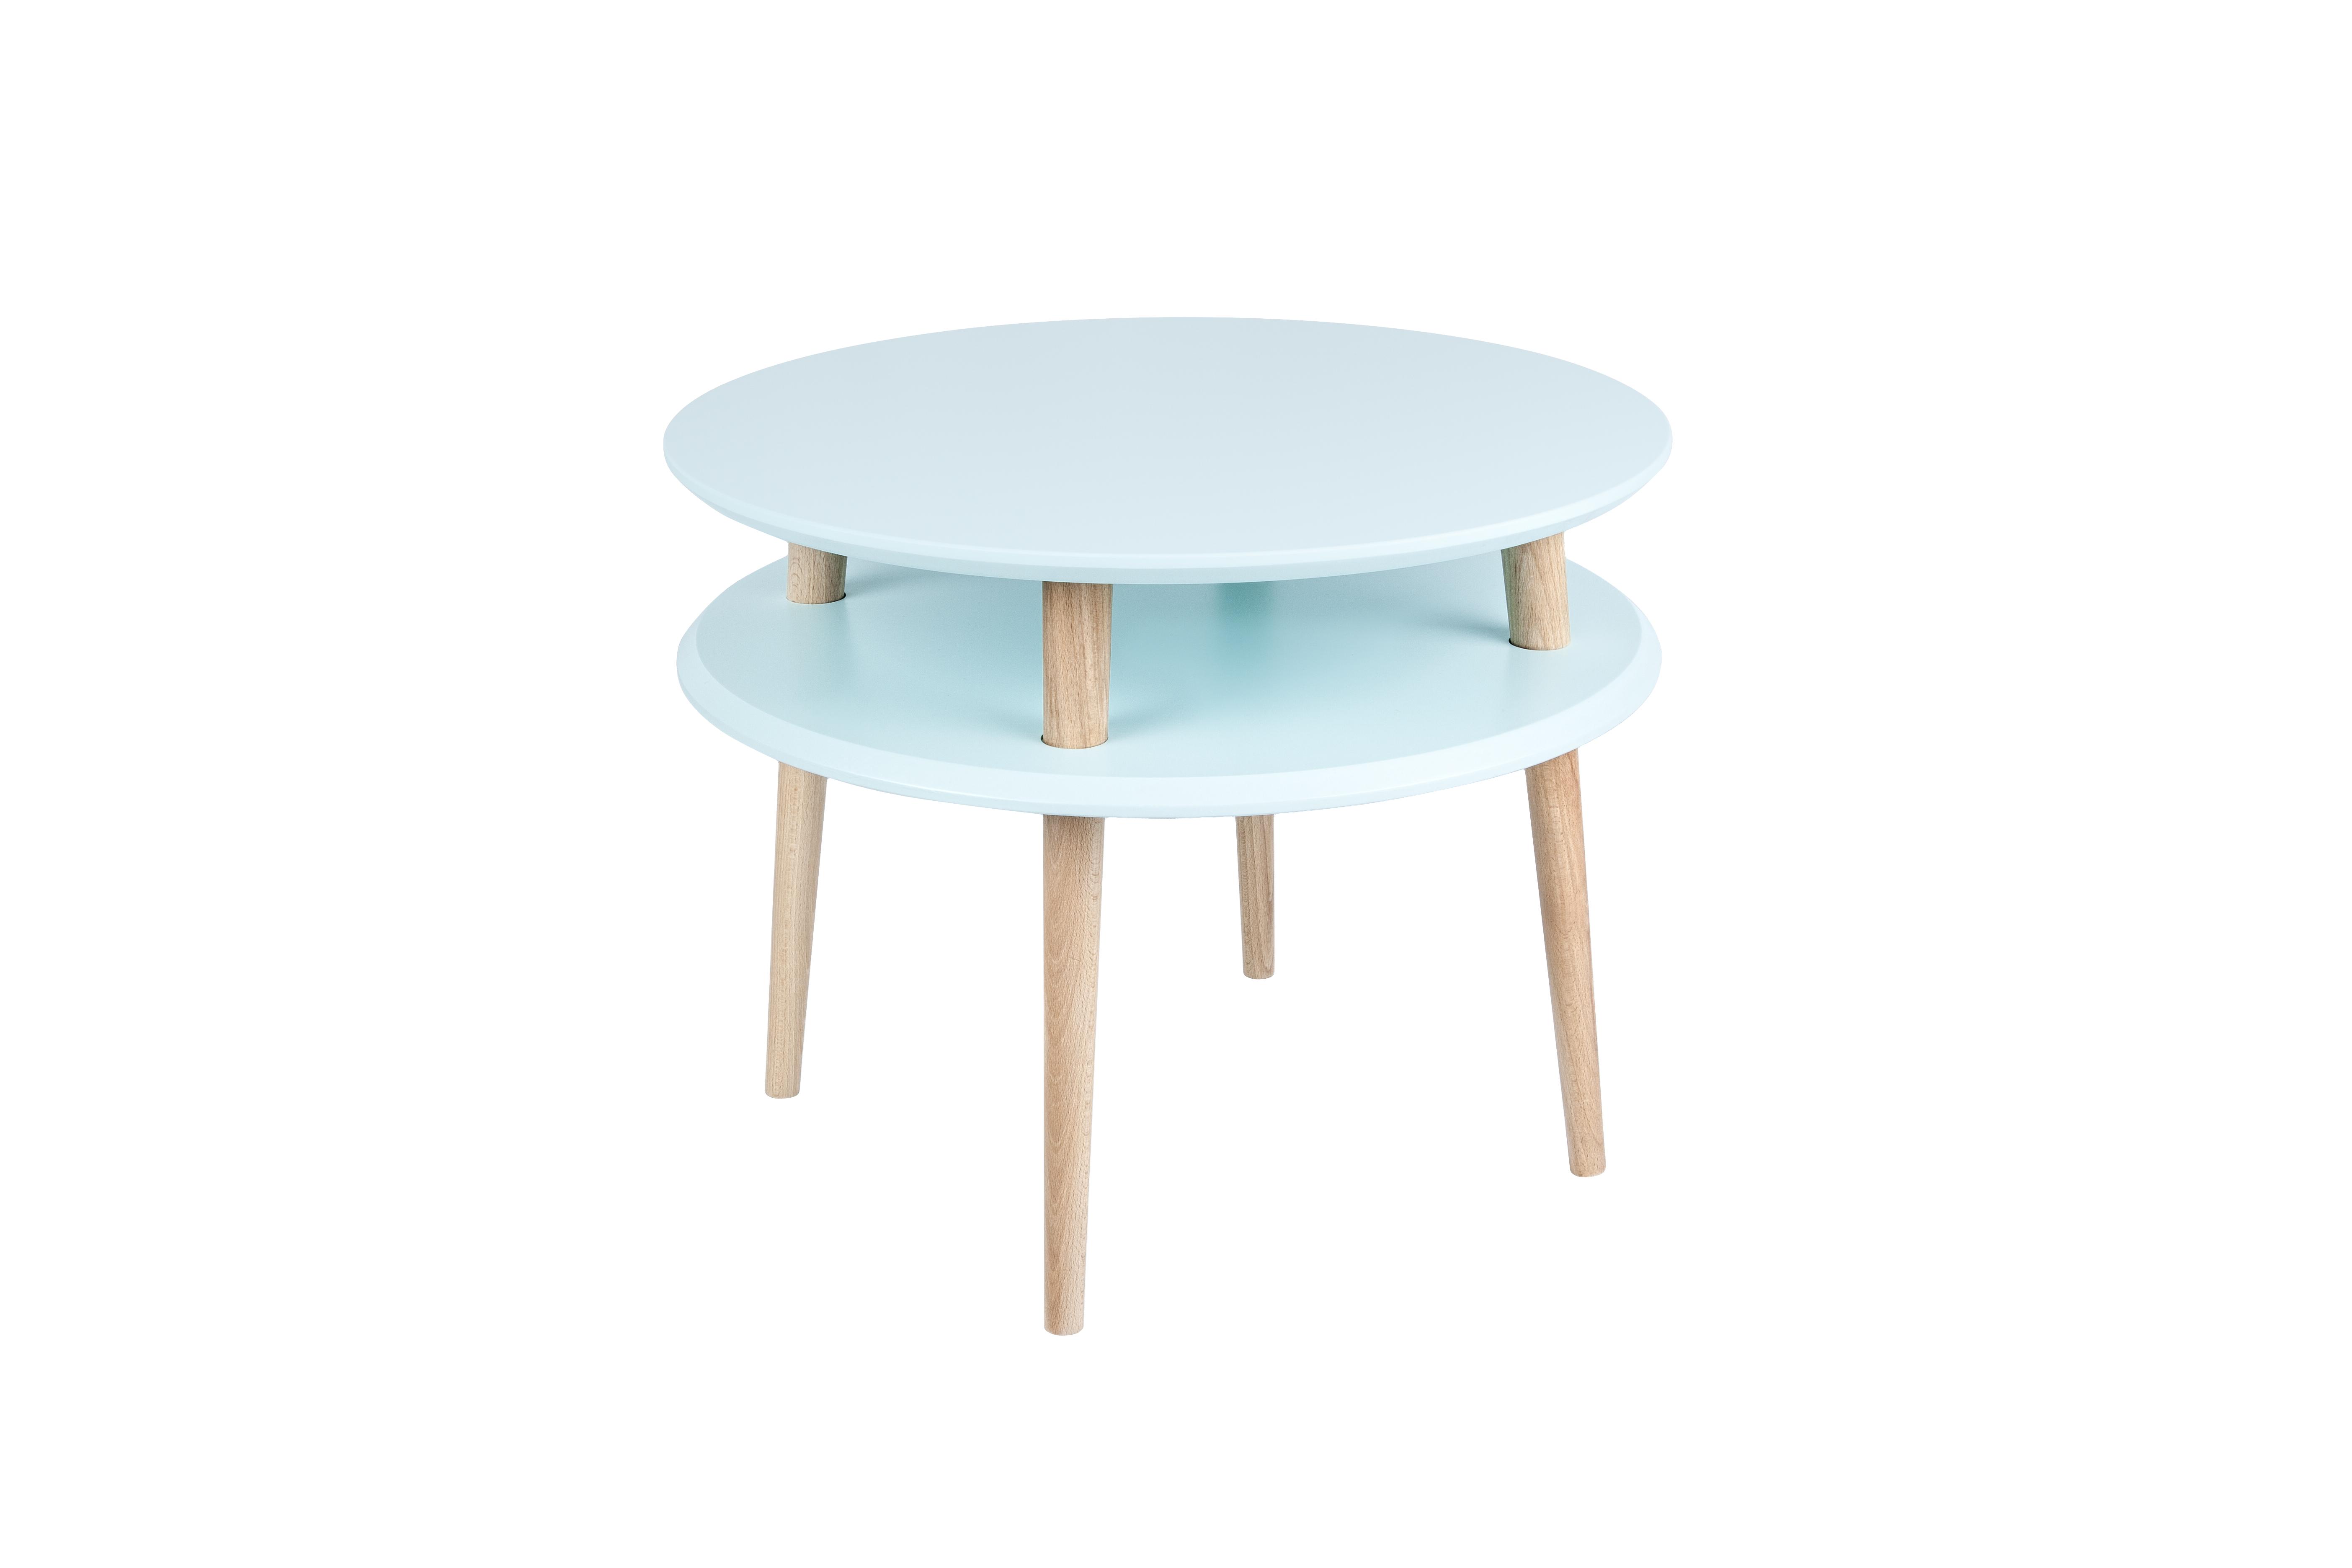 Masa de cafea Ufo Medium Light Turquoise, Ø57xh45 cm